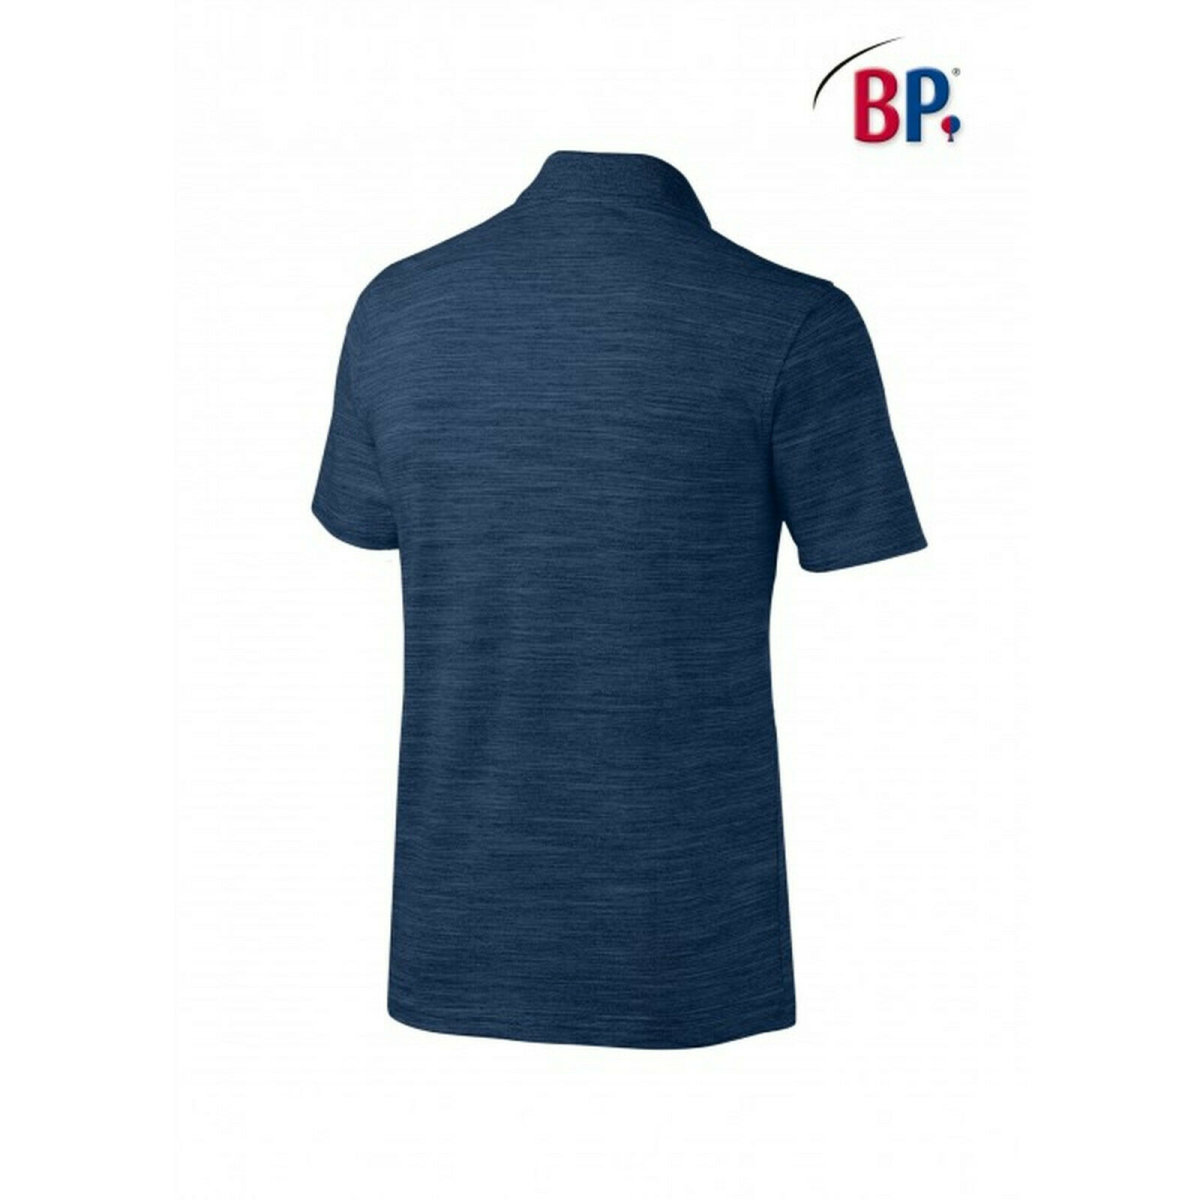 BP Workwear Poloshirt für Sie & Ihn 1712 space blau modern fit Stretch Shirt 2XL